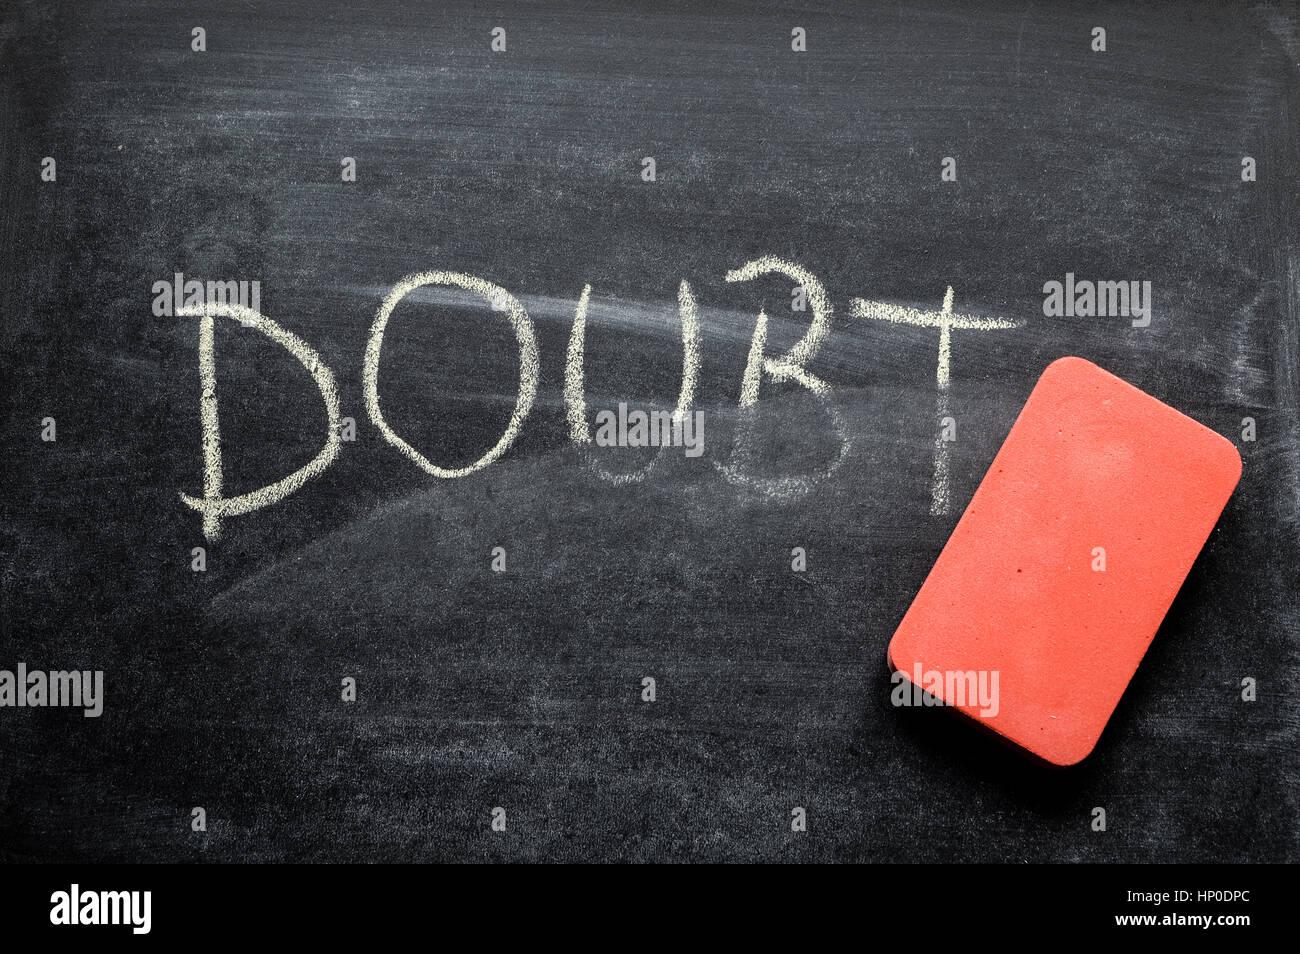 Borrado de duda, palabra escrita a mano en la pizarra, siendo borrados concepto Imagen De Stock